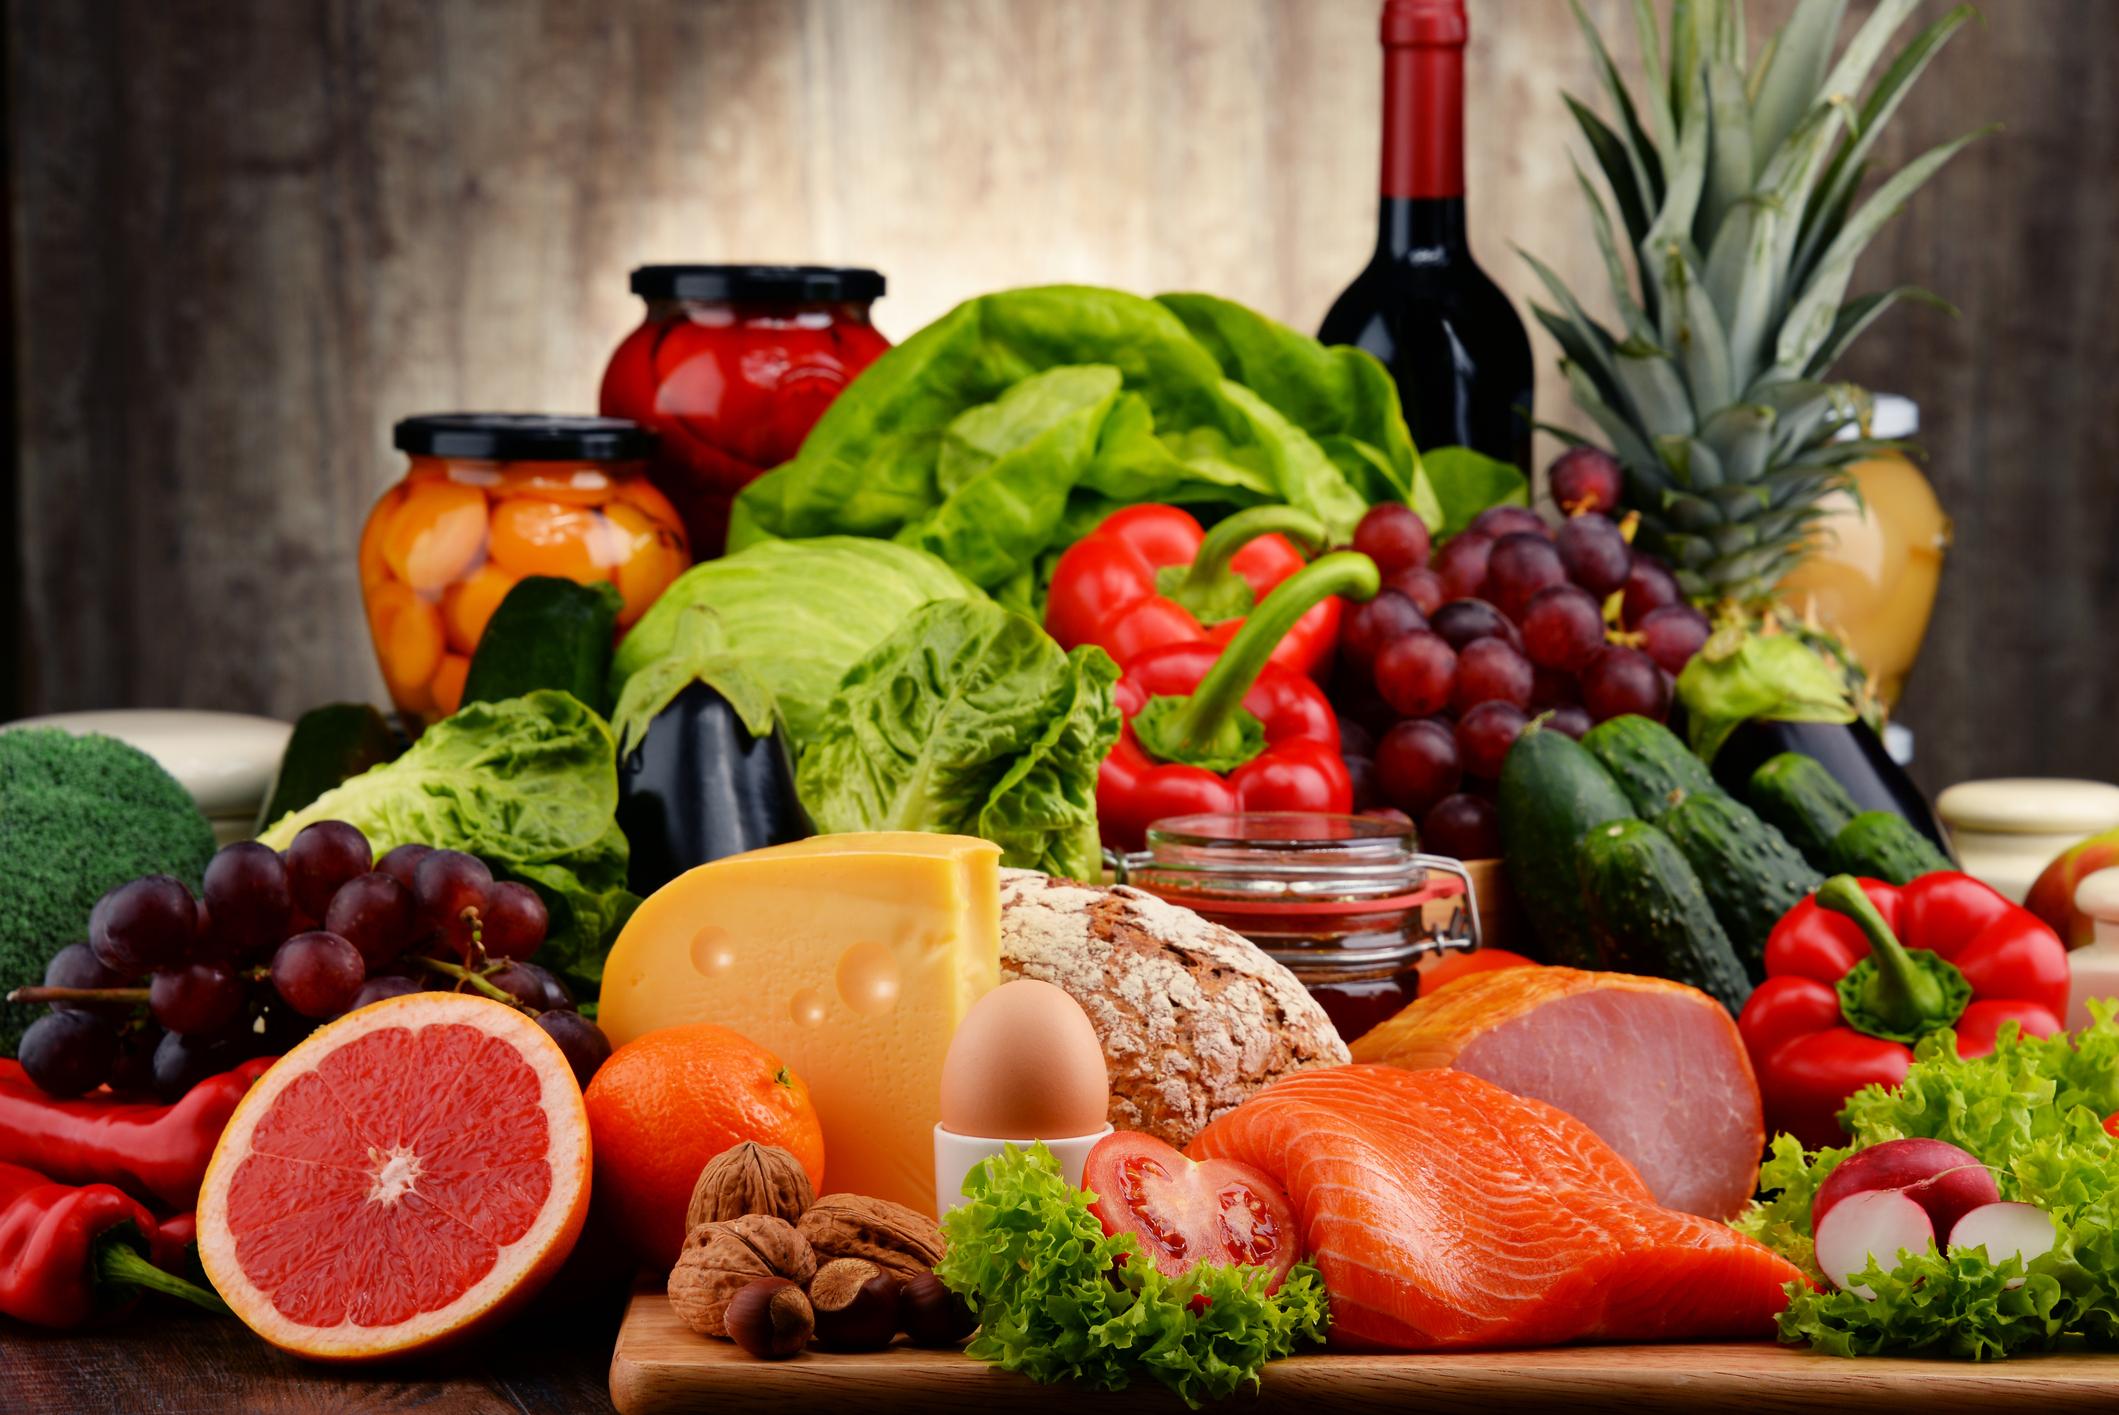 Người cao tuổi nên tăng cường sử dụng những thực phẩm này để bảo vệ sức khỏe